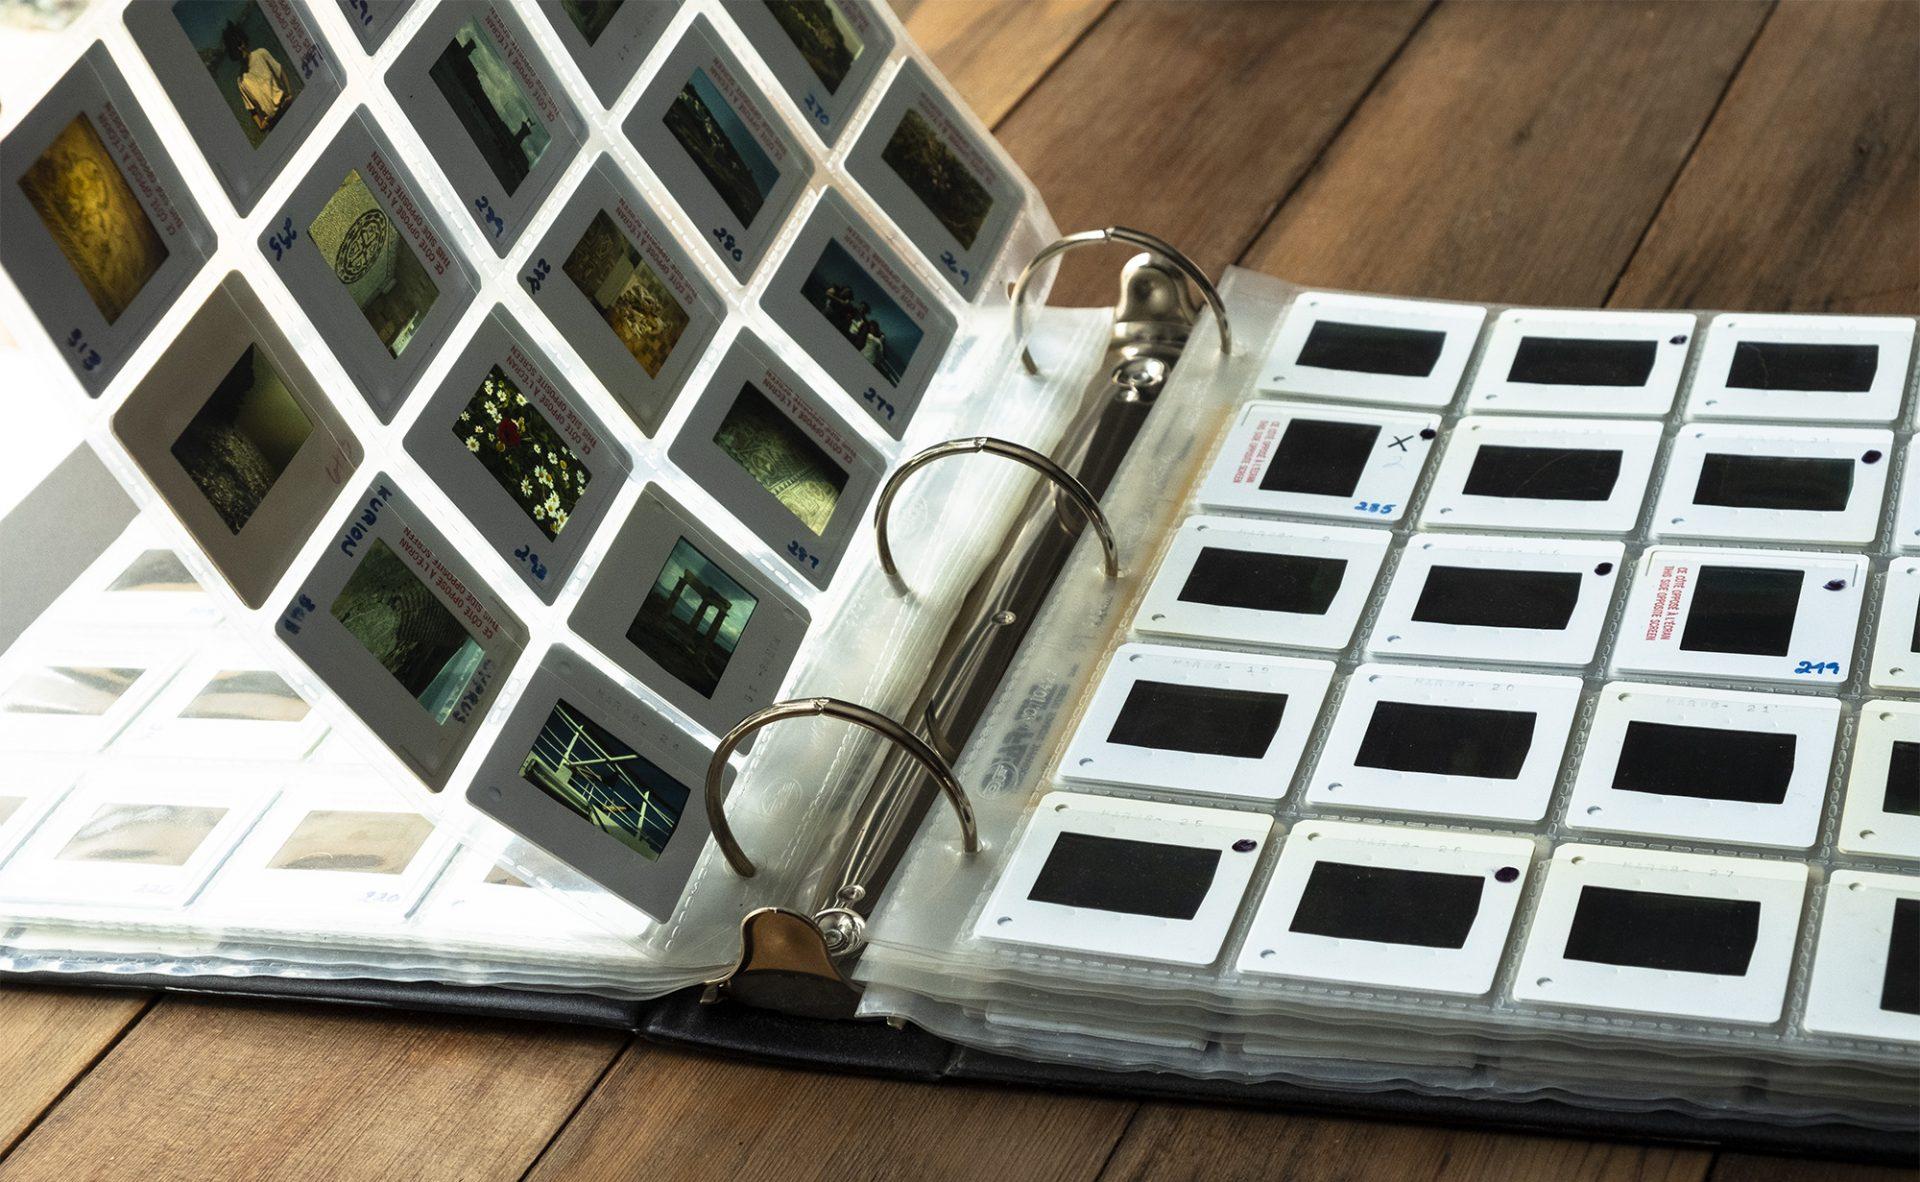 slide holders in binder